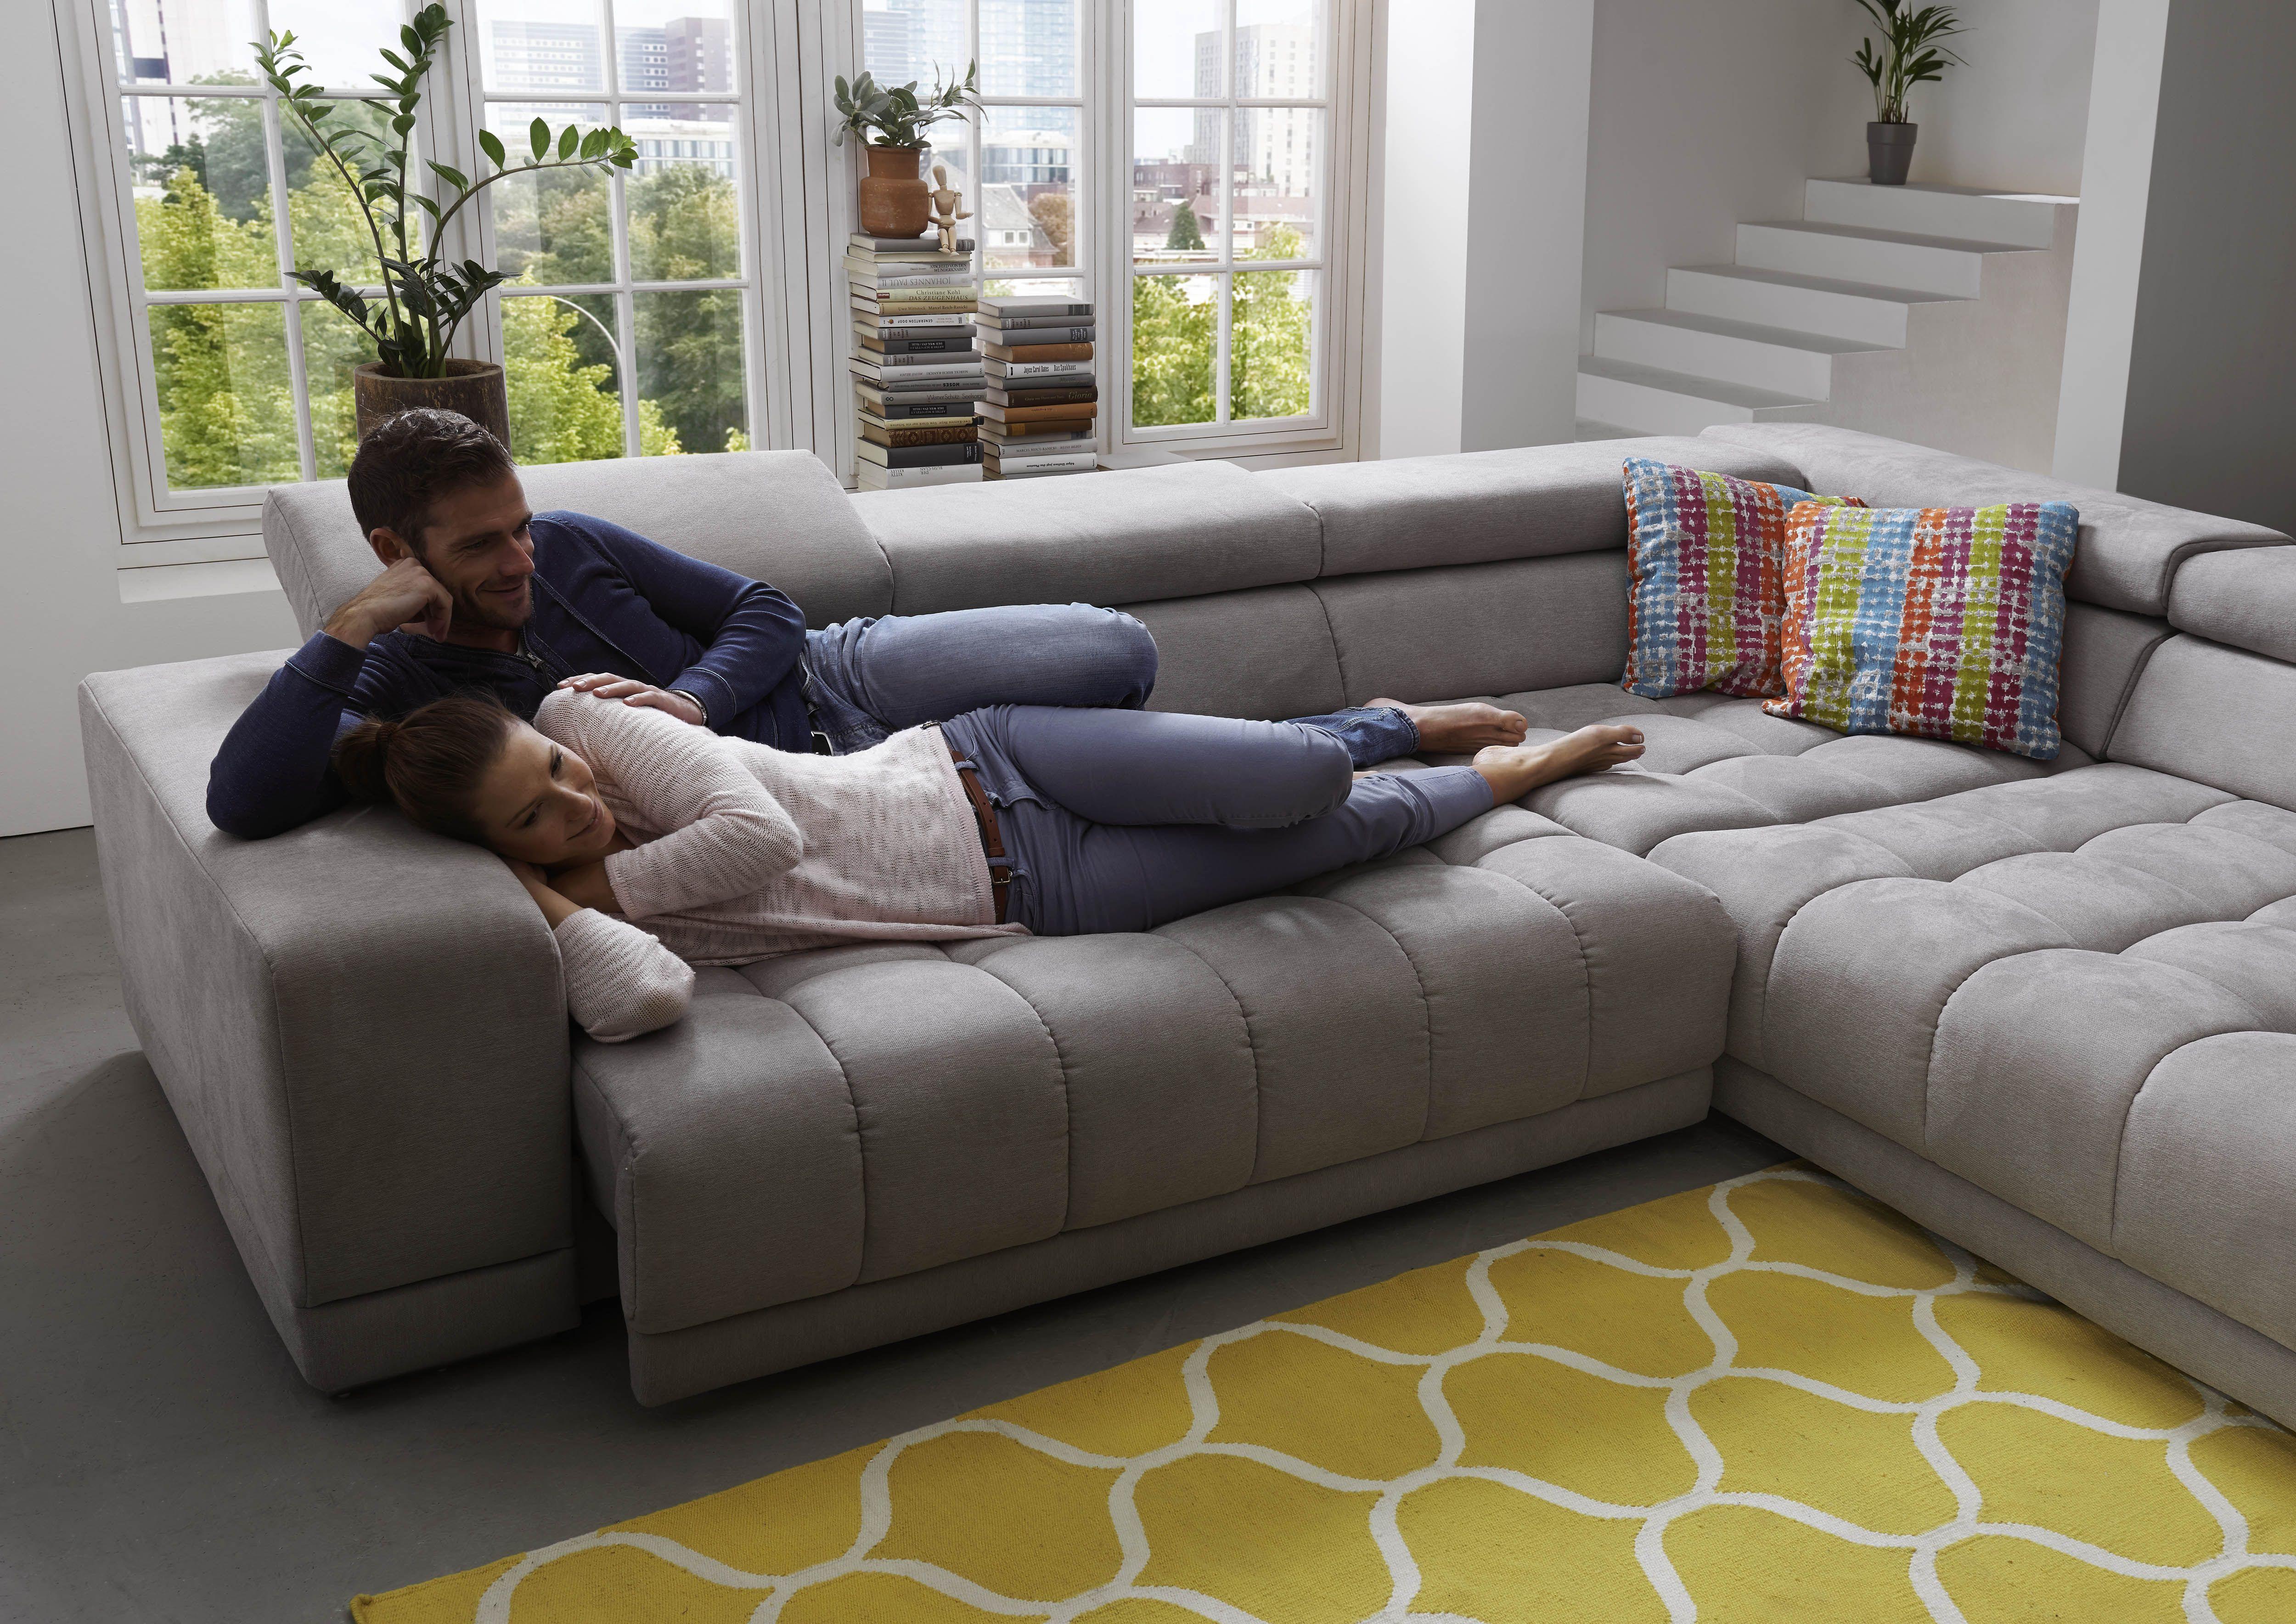 Rozkládac pohovka BANDERAS 2 Big sofa Nábytok Pinterest